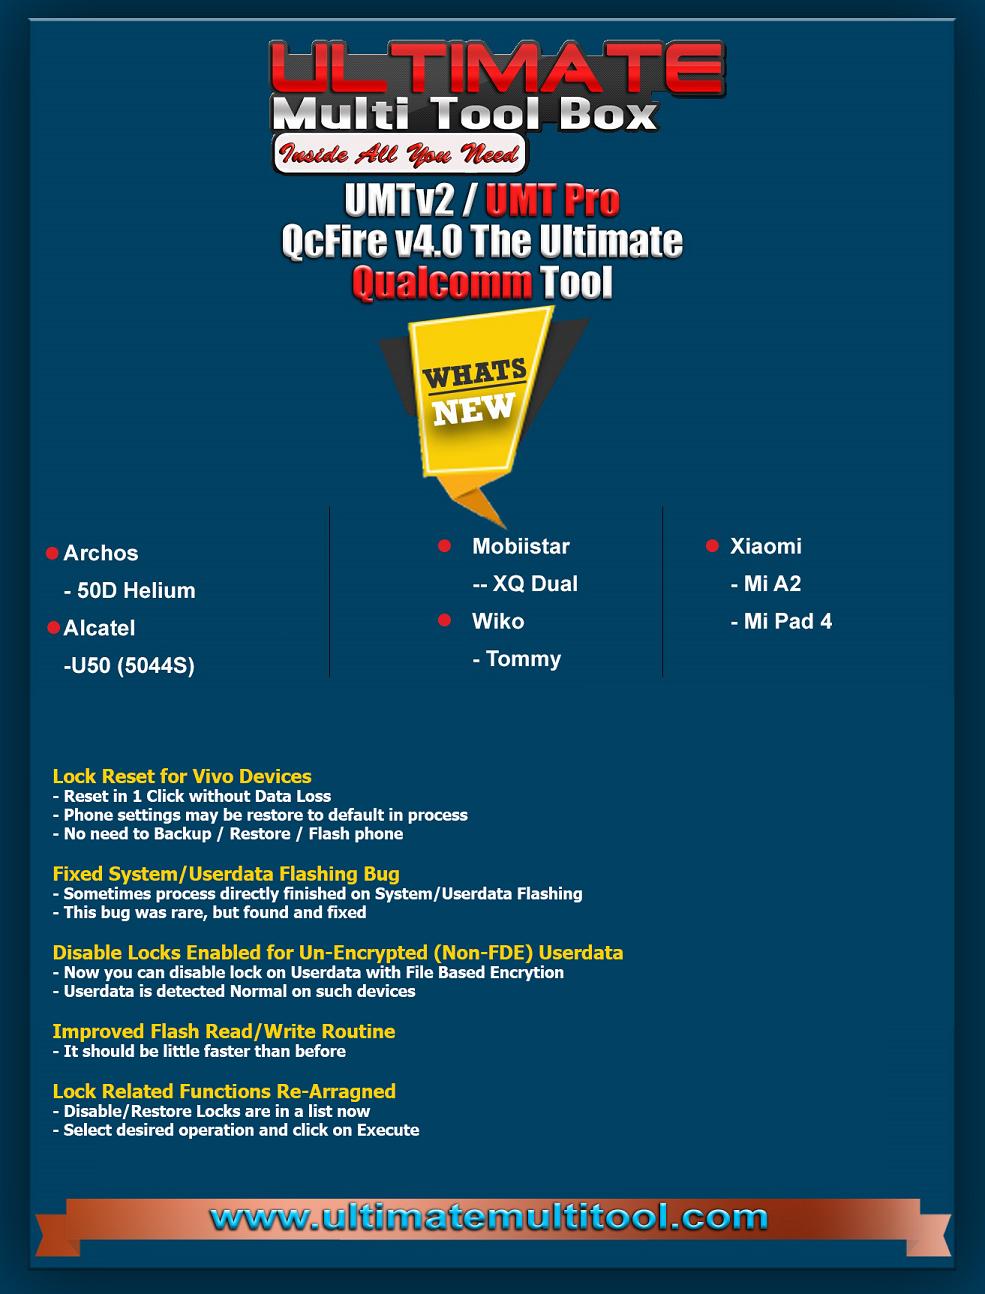 تحديثات يو إم تي كوالكوم - UMT Qualcomm Qc Fire Update | الصفحة 3